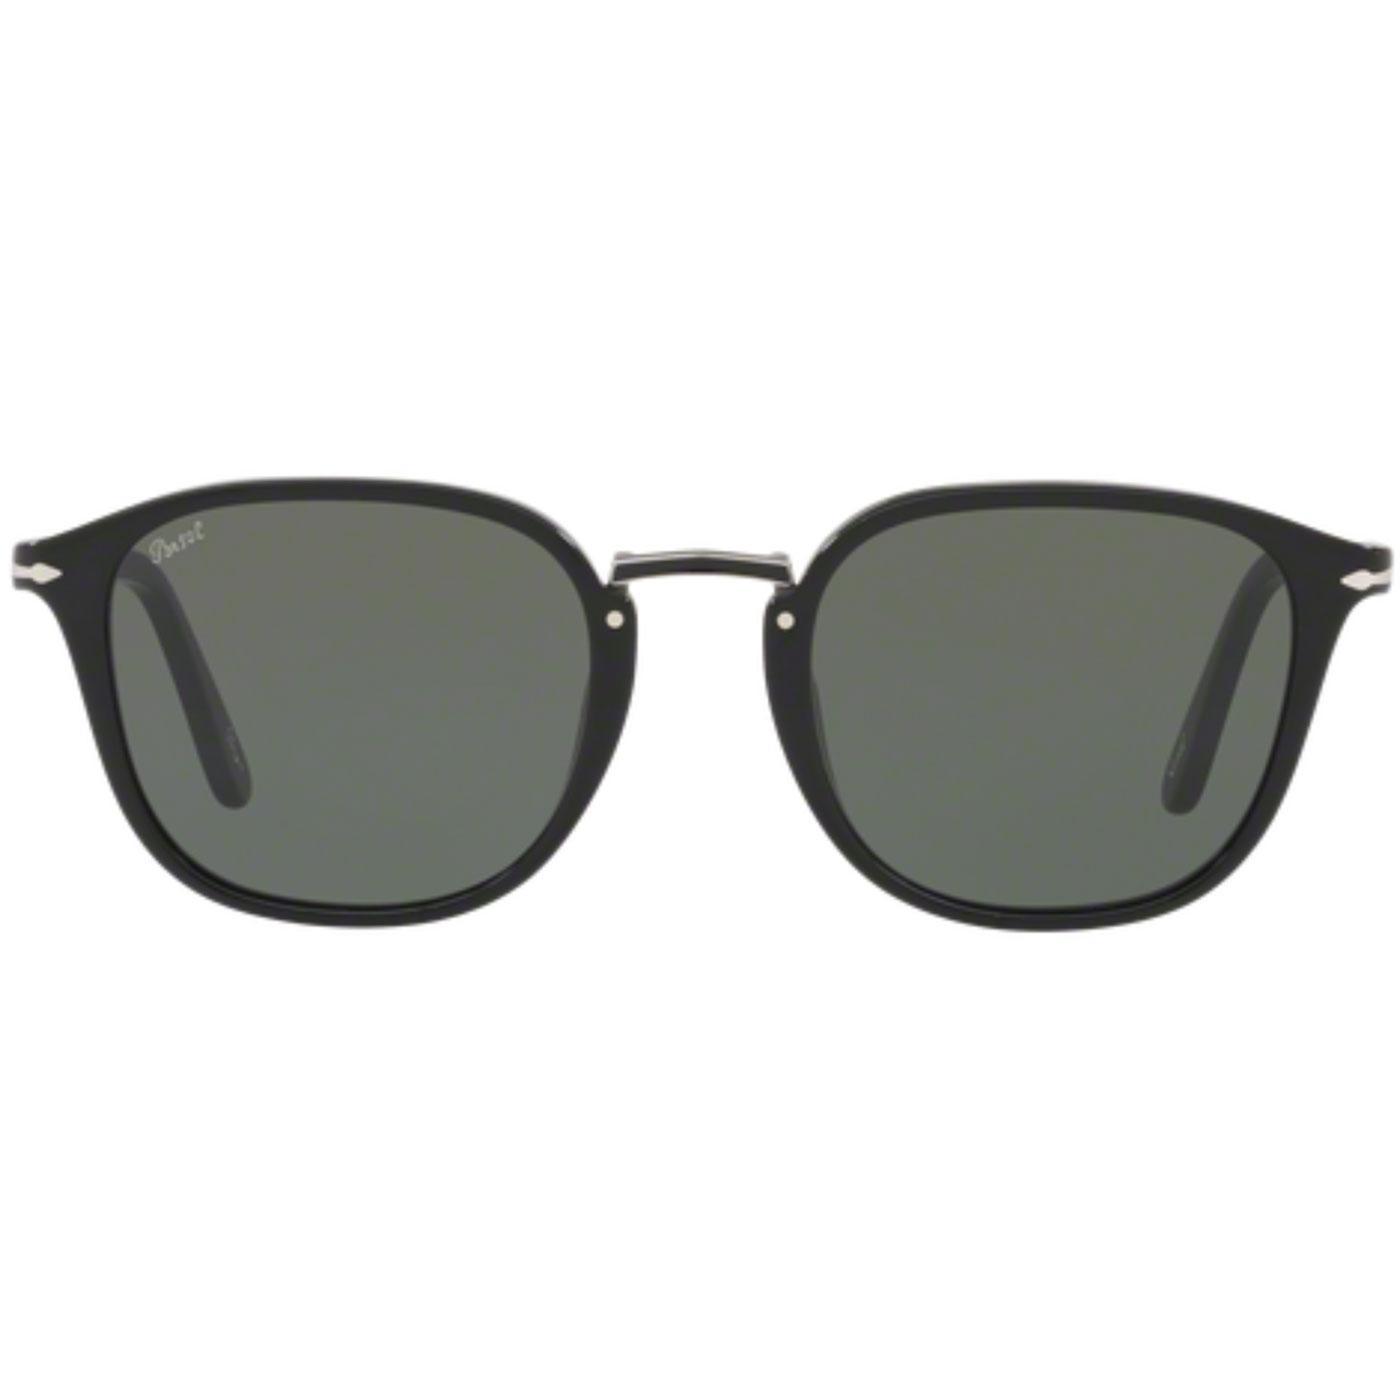 Combo Evolution PERSOL Men's Retro Sunglasses Blk